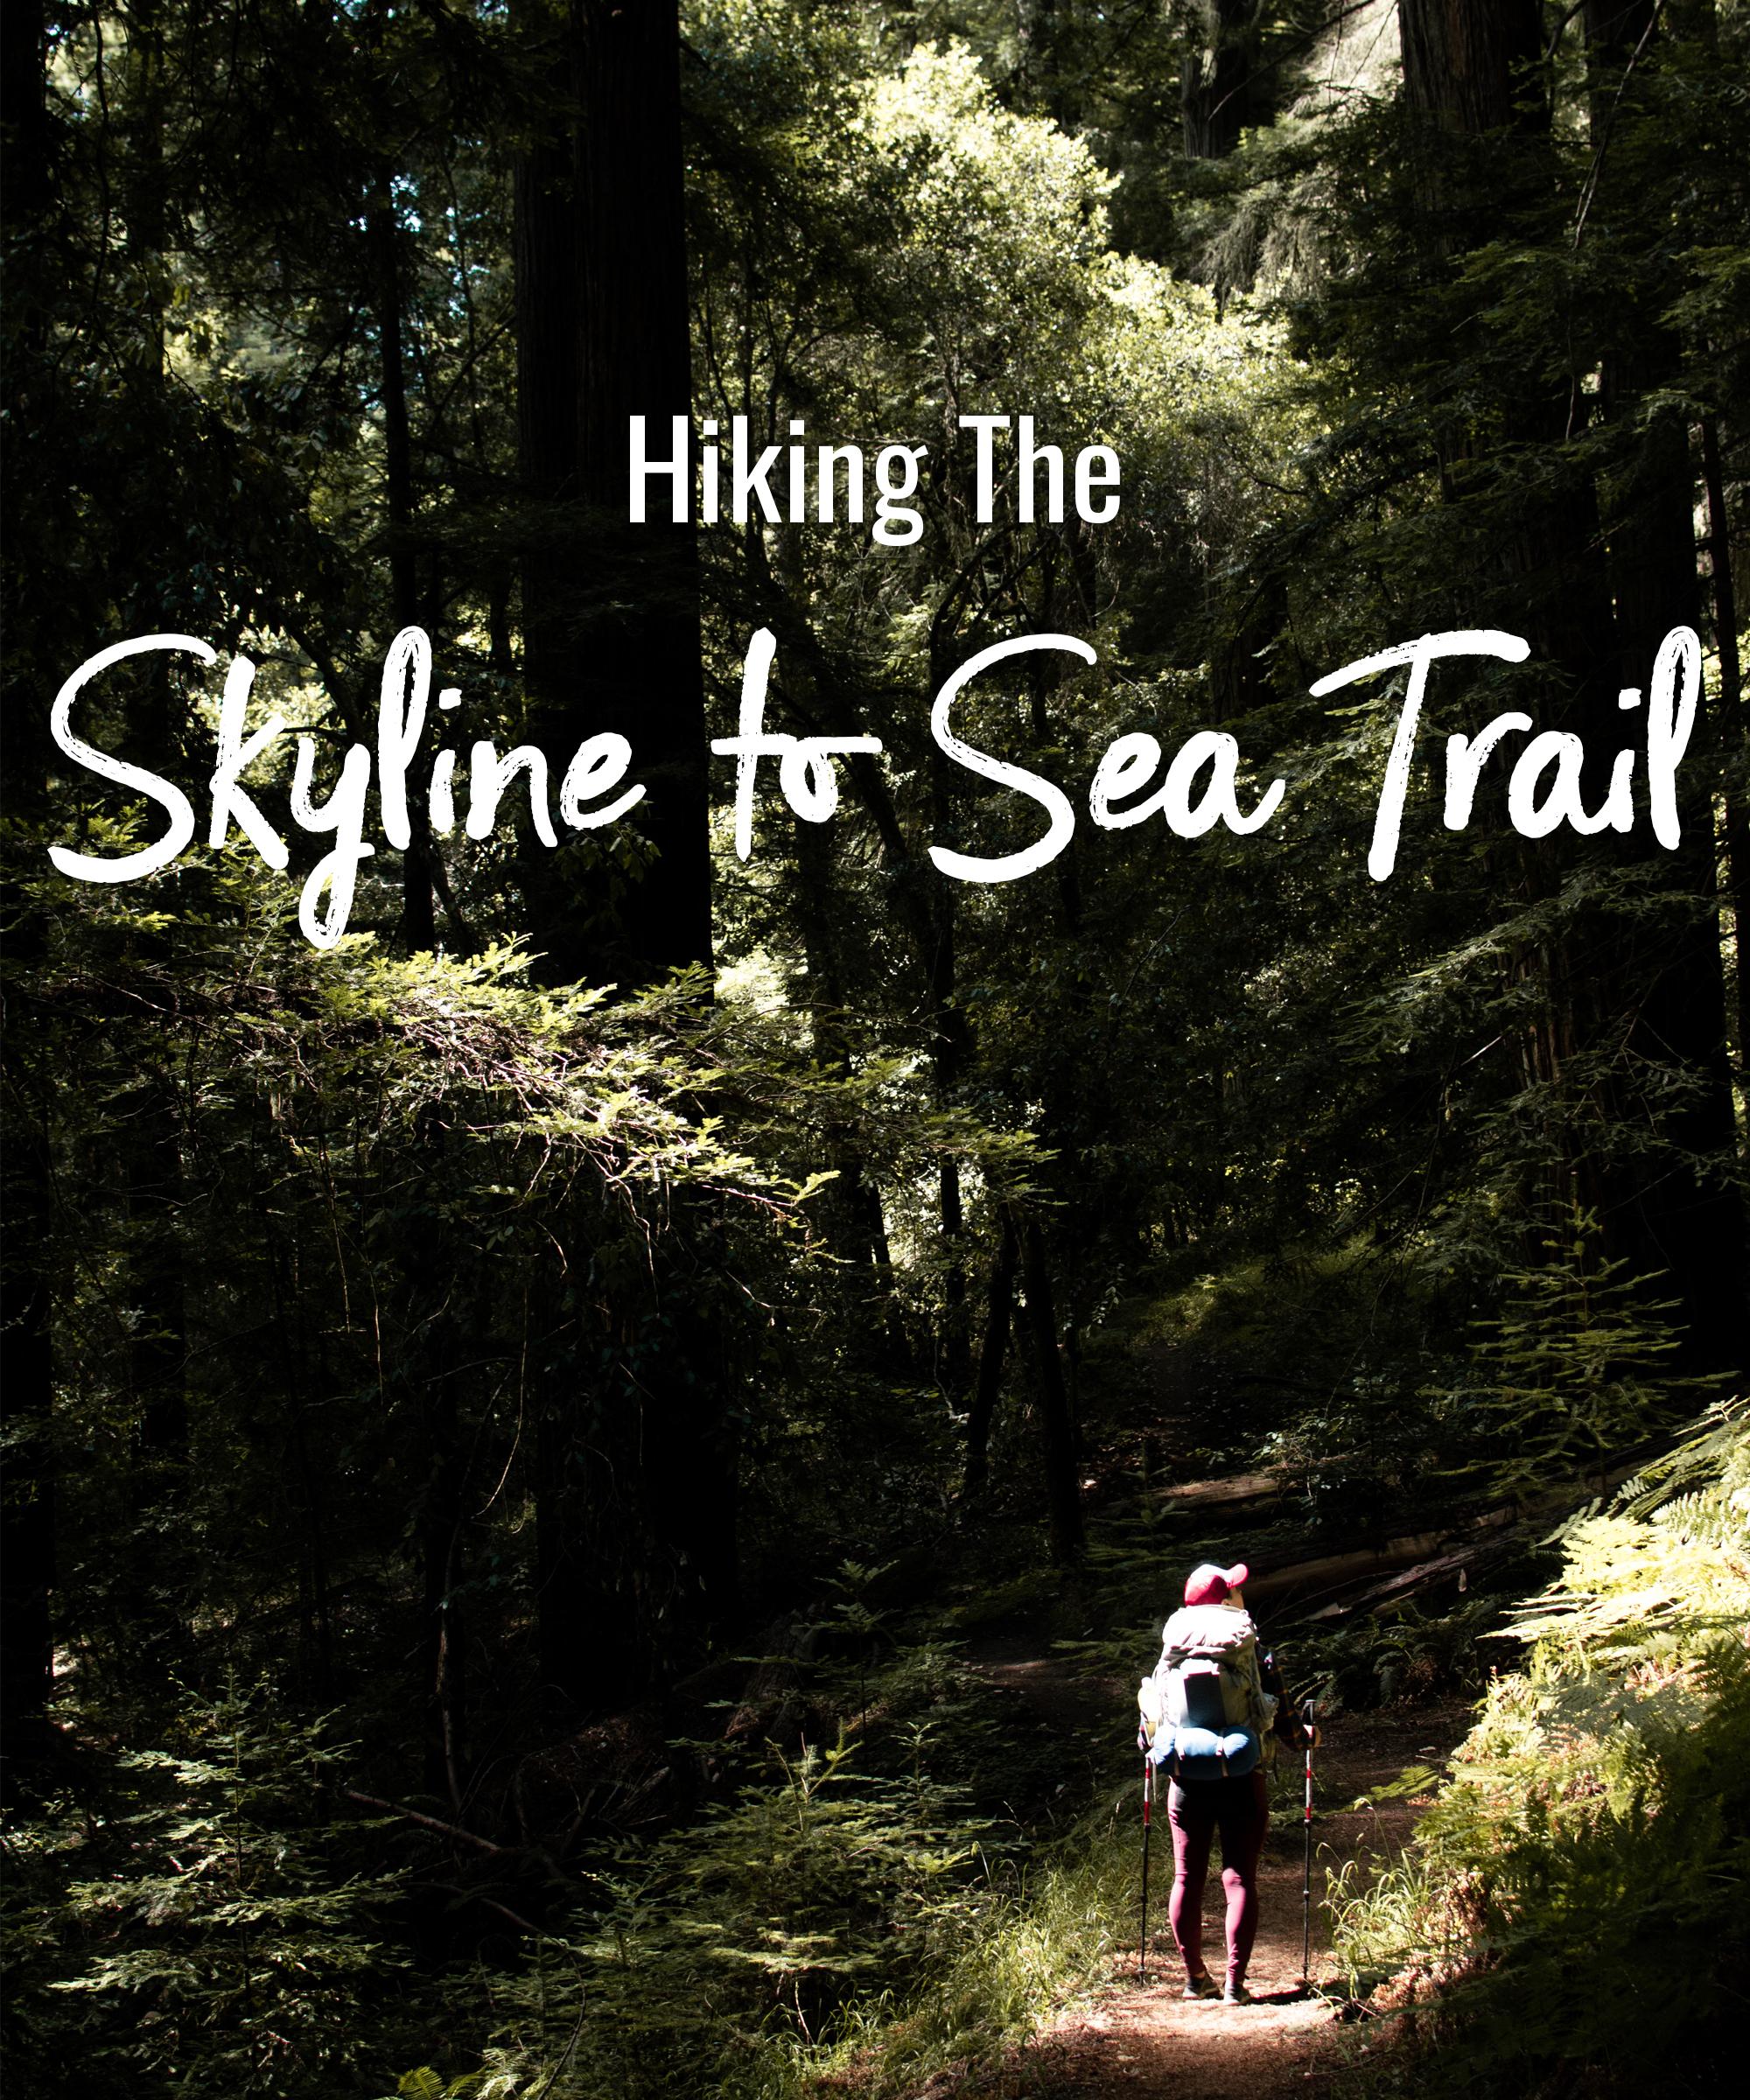 Hiking the Skyline to Sea Trail